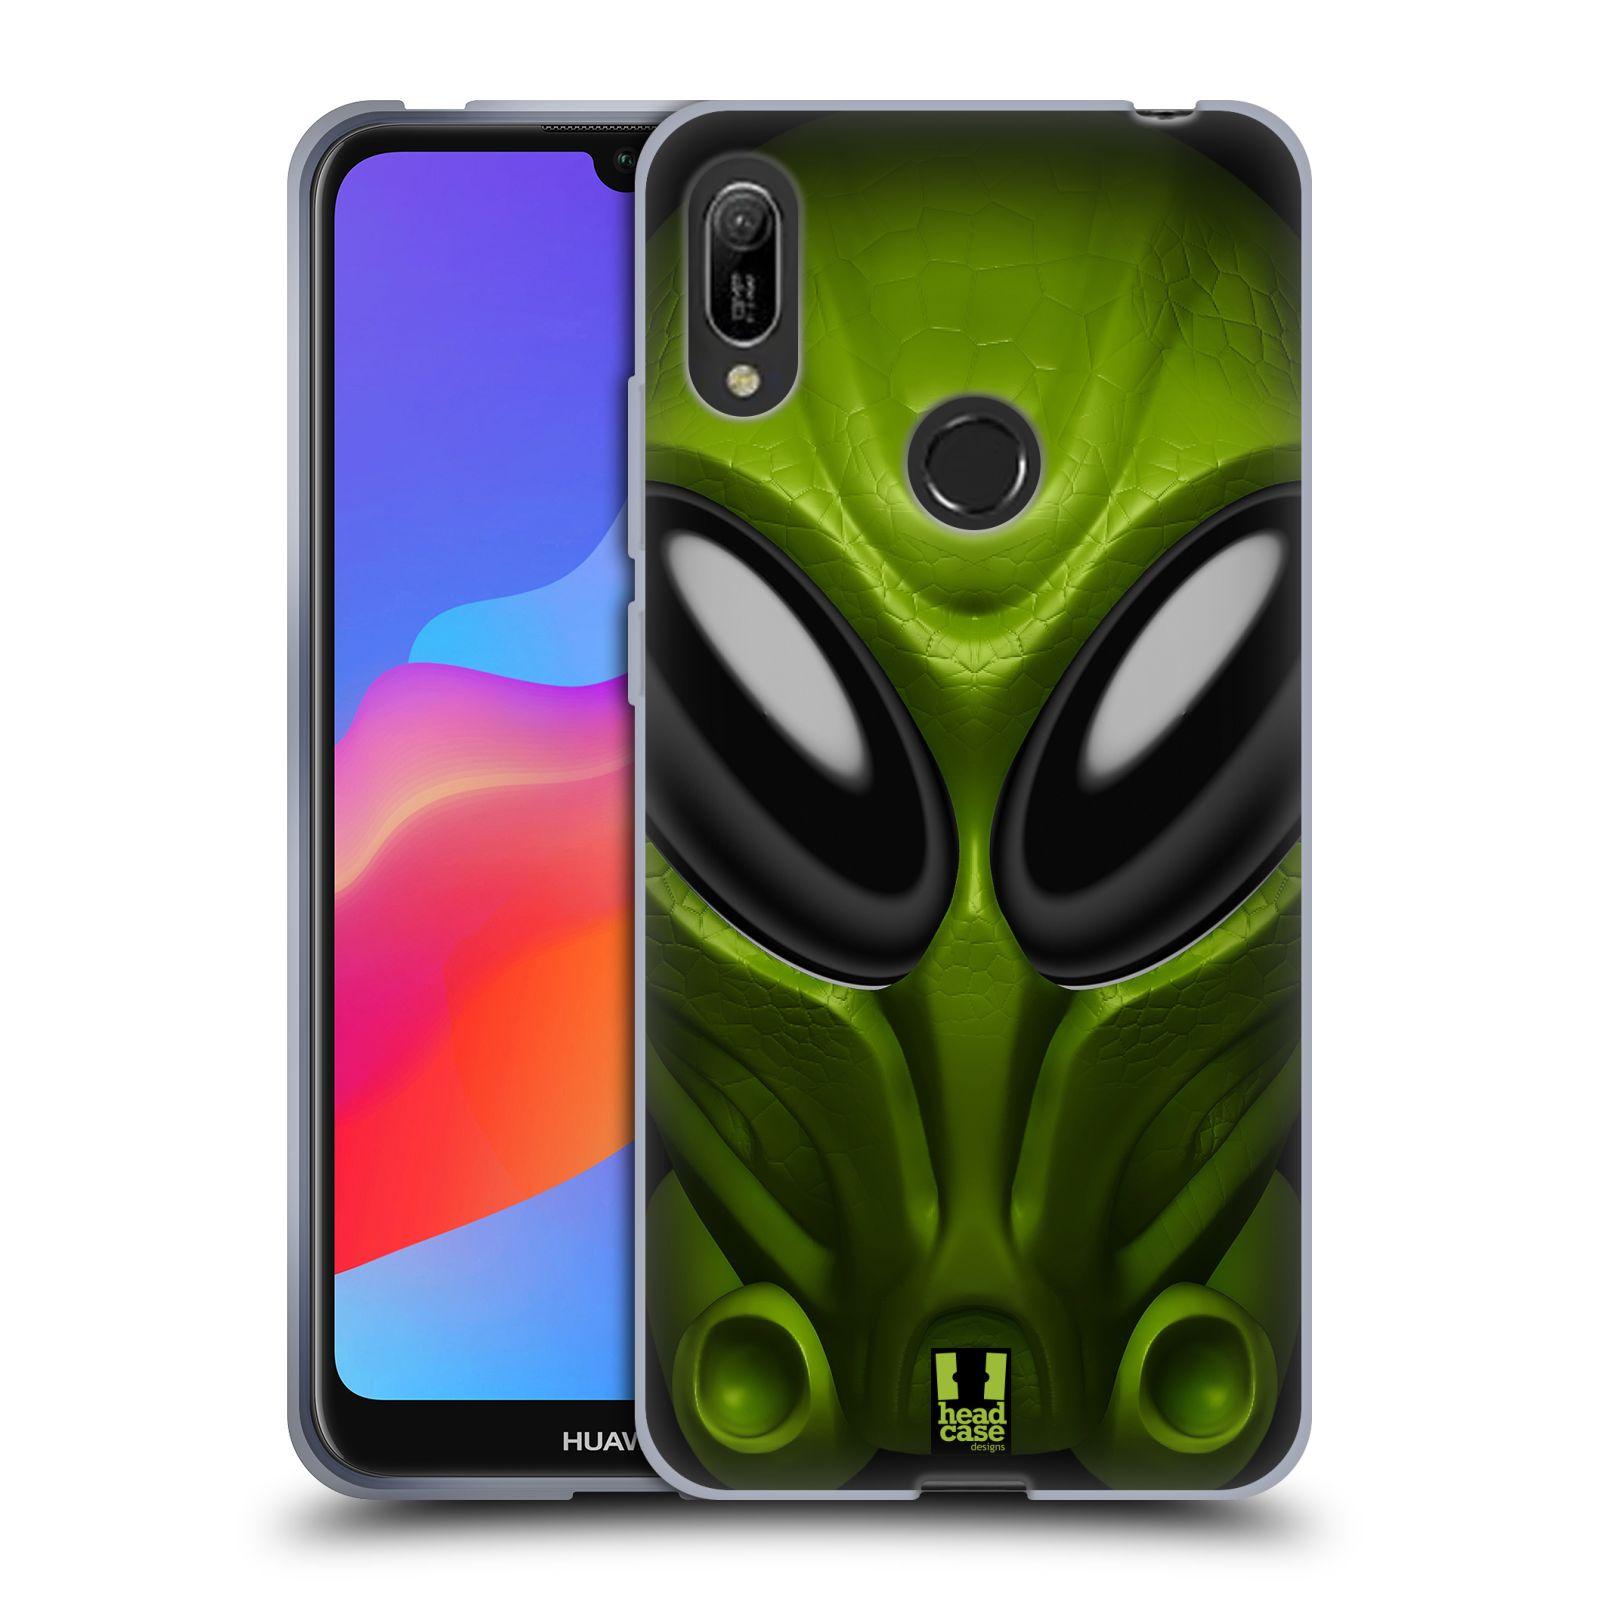 Silikonové pouzdro na mobil Huawei Y6 (2019) - Head Case - Ufoun Mastermind